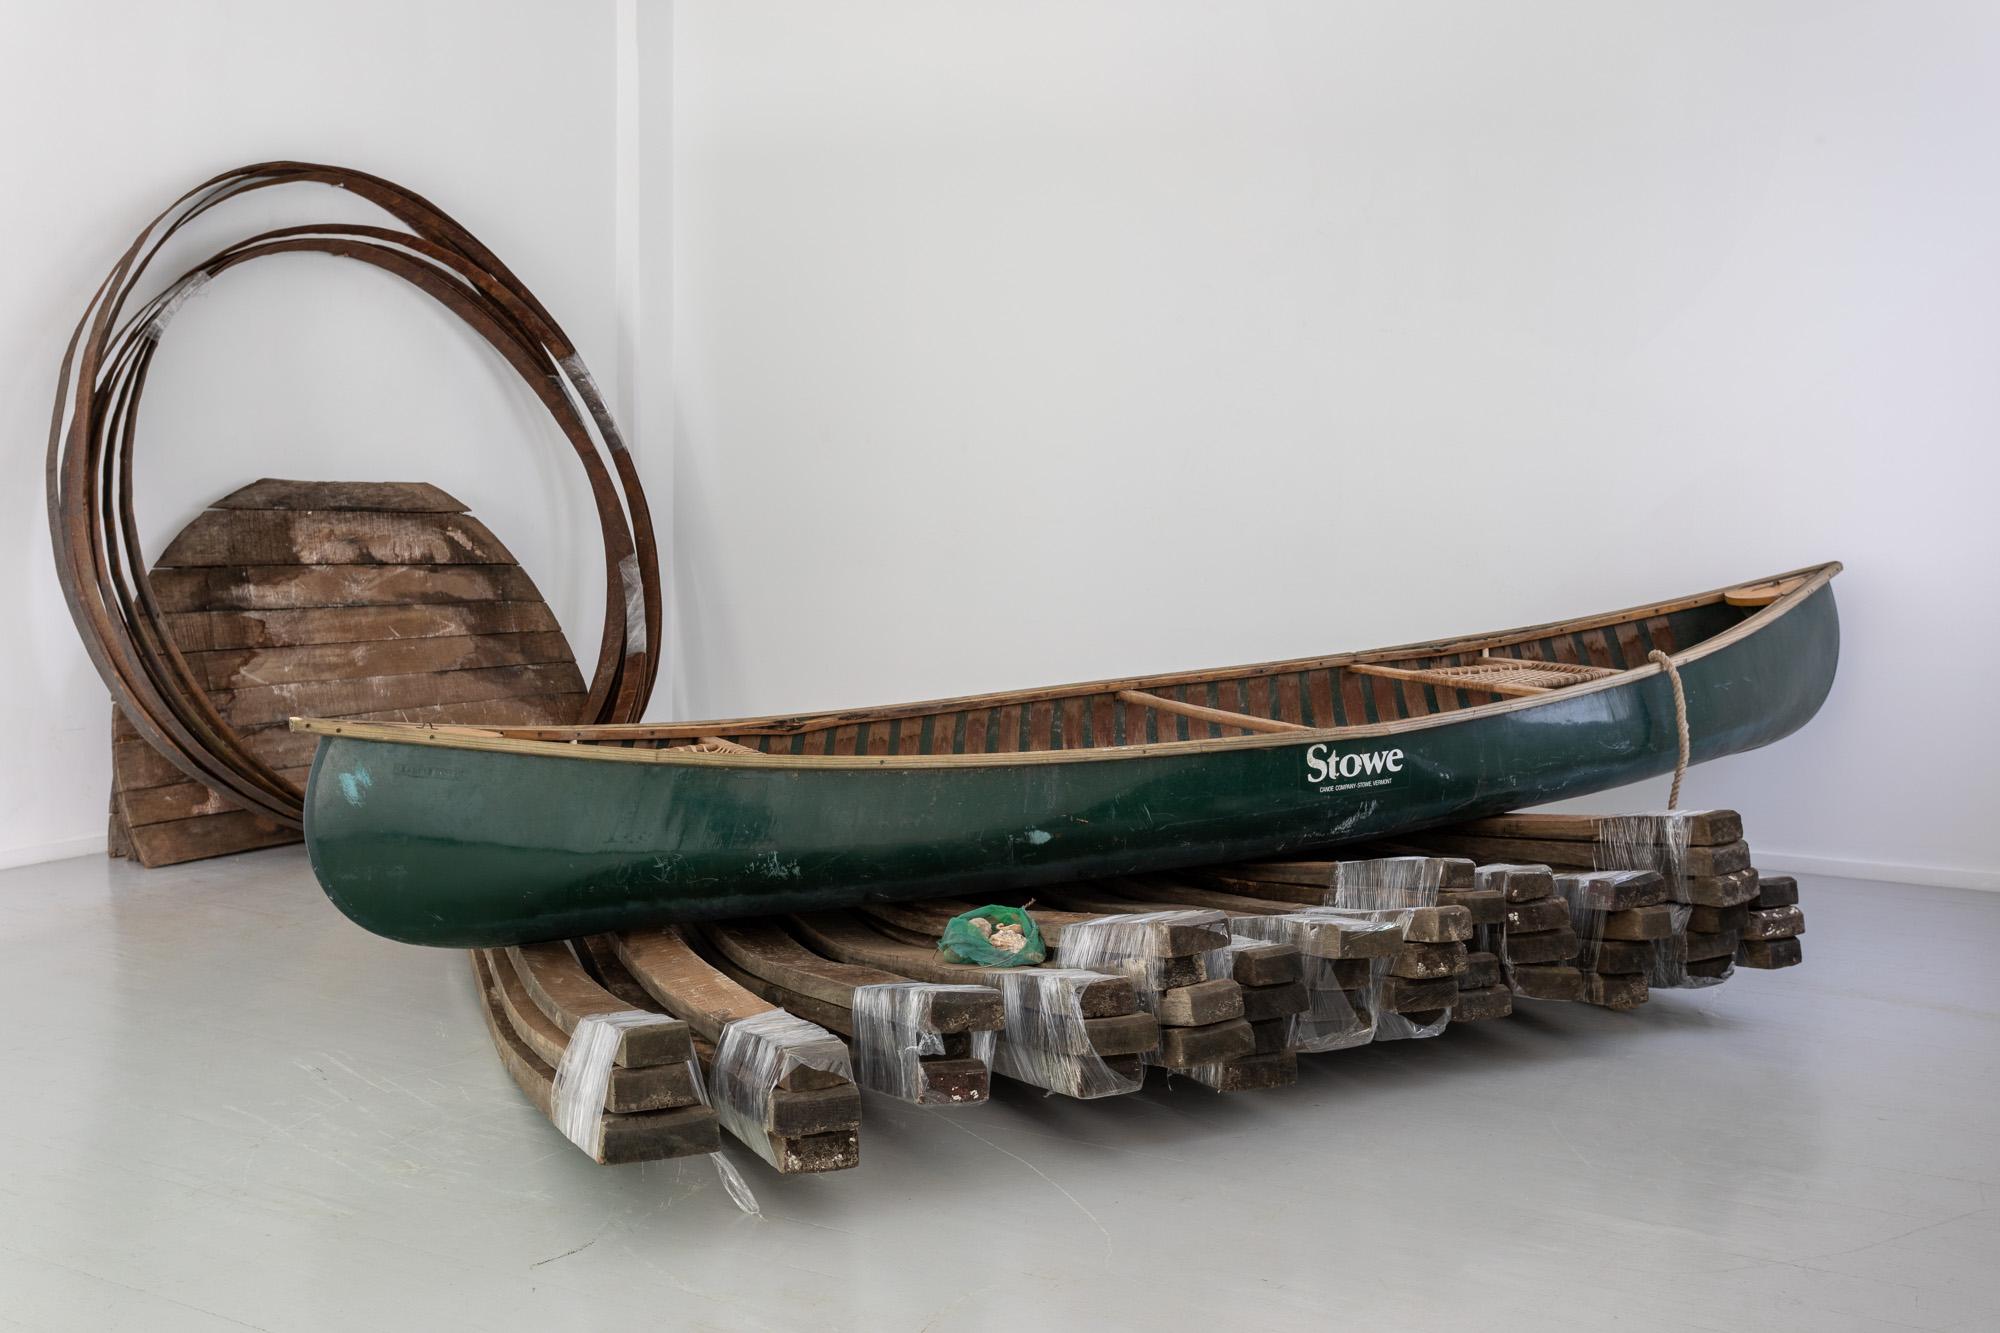 DET FINNS EN PLAN FÖR DET HÄR, 2020Fjorden. Oak wood, iron rings and canoe, dimensions variable